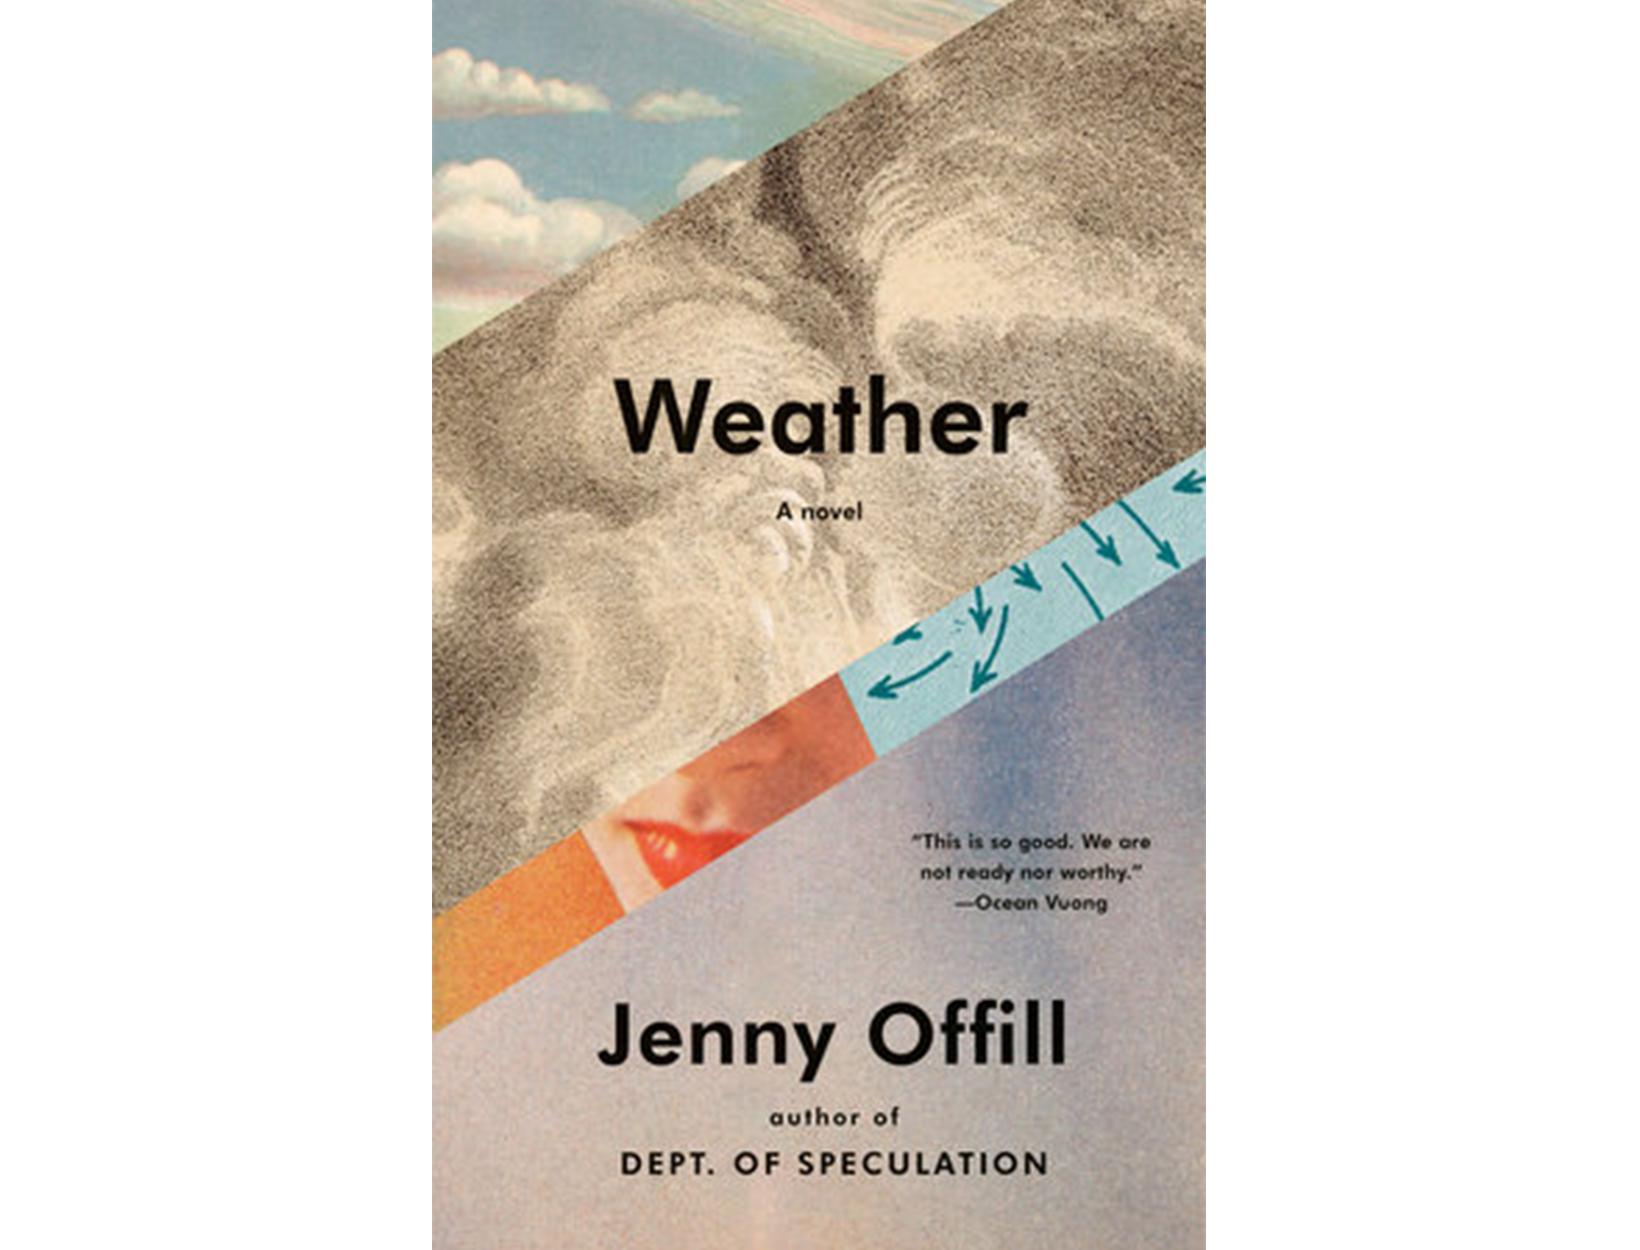 <em>Weather</em> by Jenny Offill